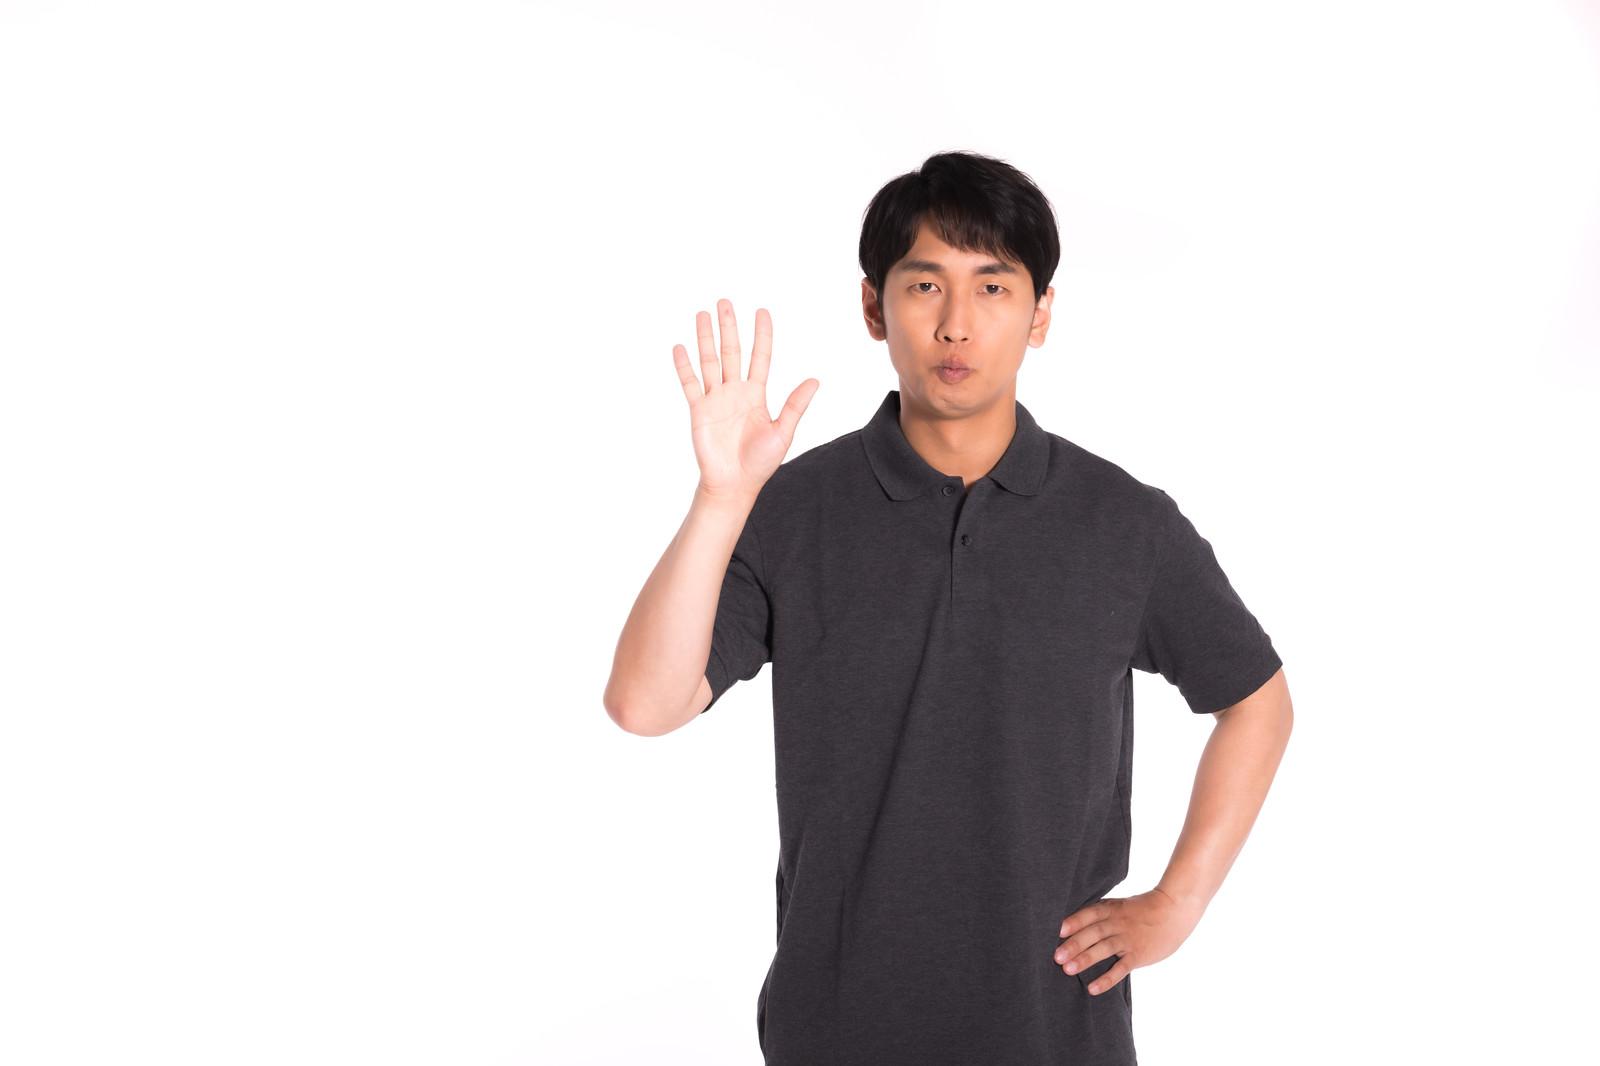 共通点は5つだと5本指を立てる男性